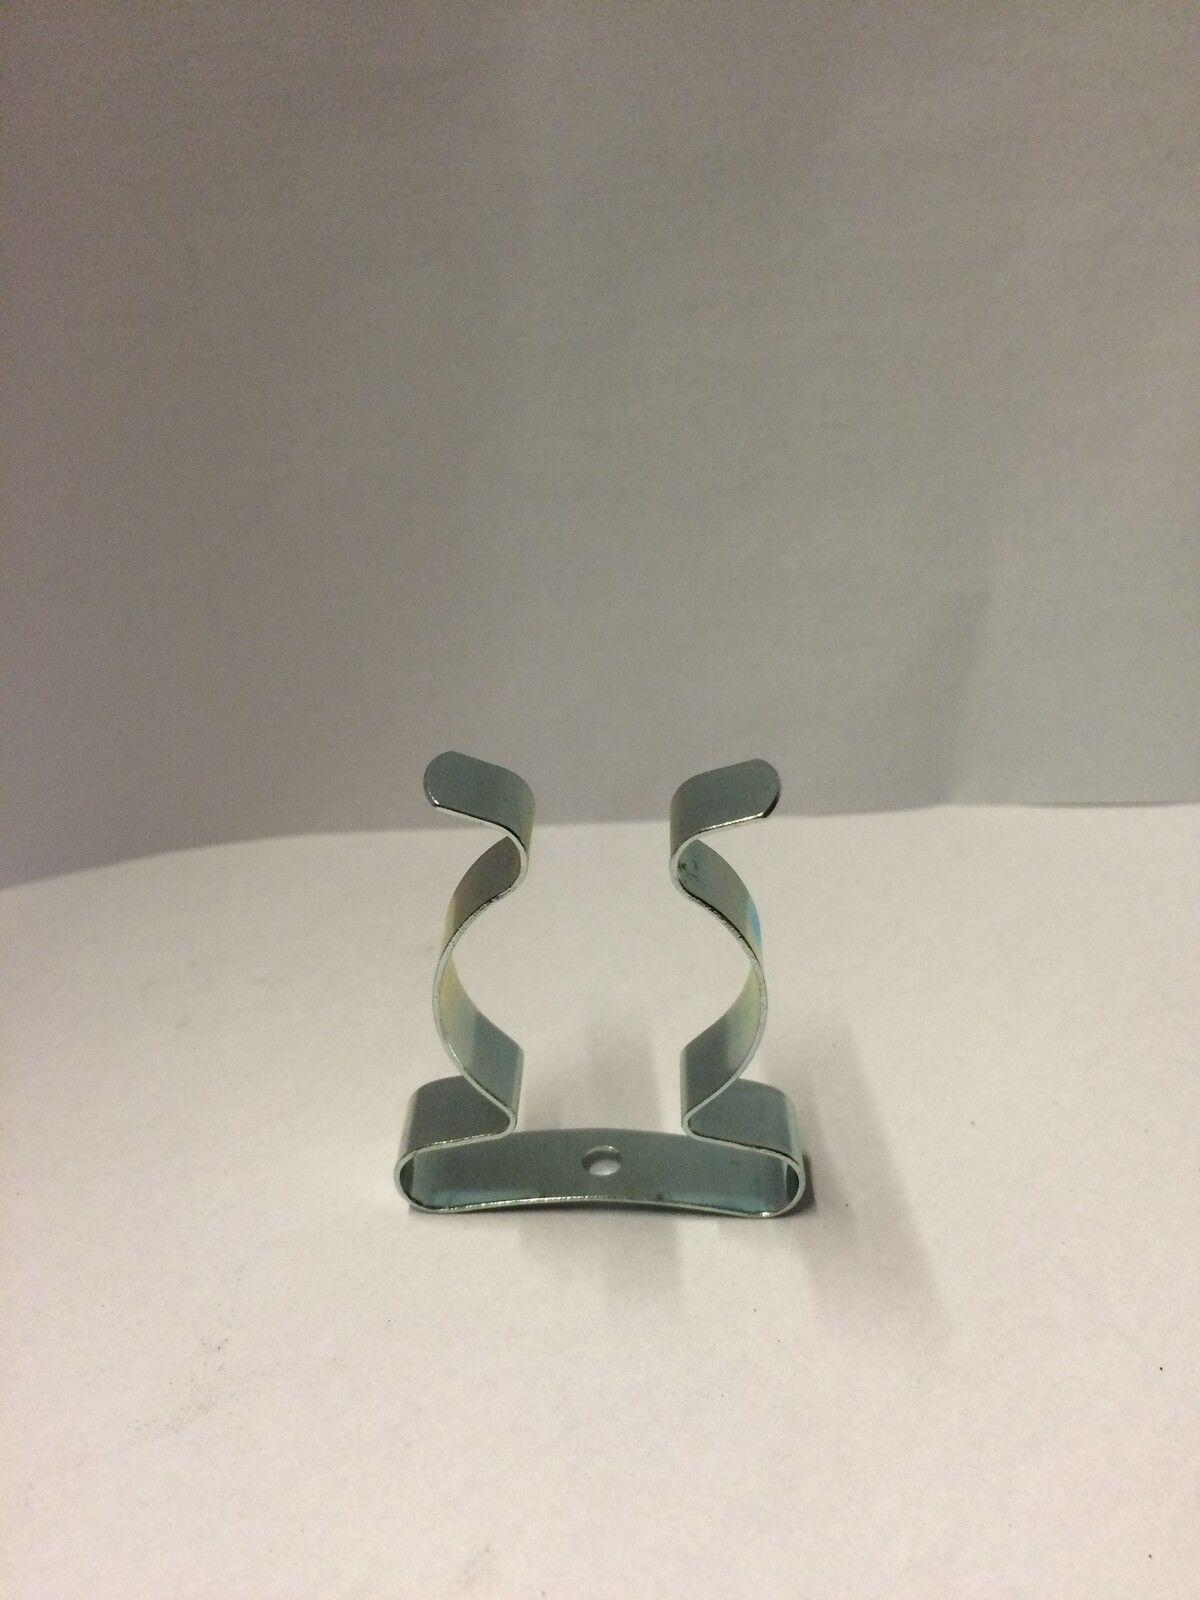 Strumento a molla clip Bright ZINCATI 2   (50mm) (50mm) (50mm) coatedclipcouk 25 o 50 Pacco   Ben Noto Per Le Sue Belle Qualità    Meraviglioso    Bassi costi  3f6a3d